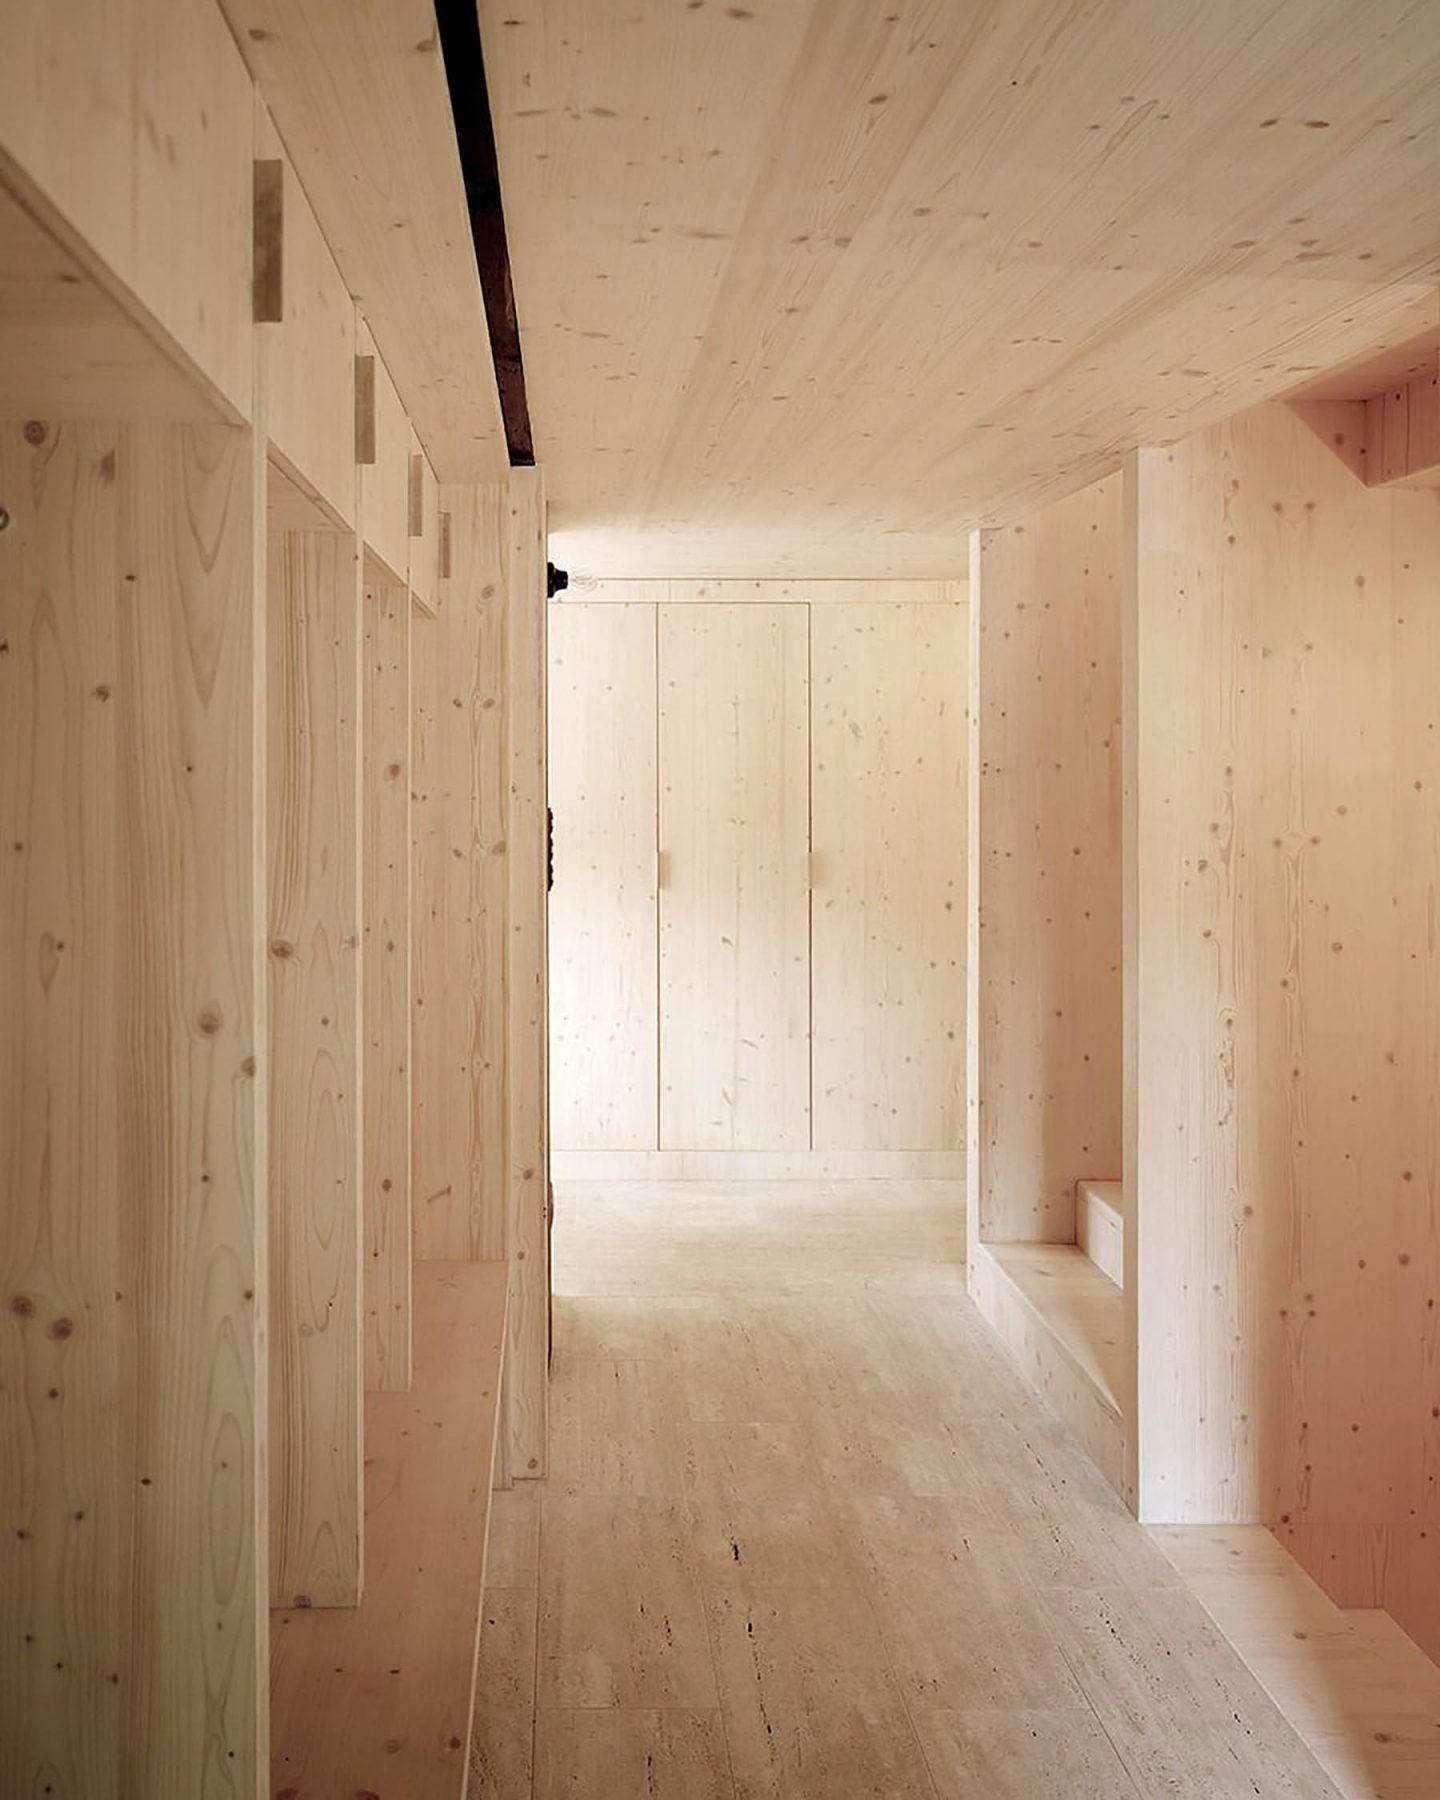 IGNANT-Architecture-Joachim-Fritschy-Frit01-15